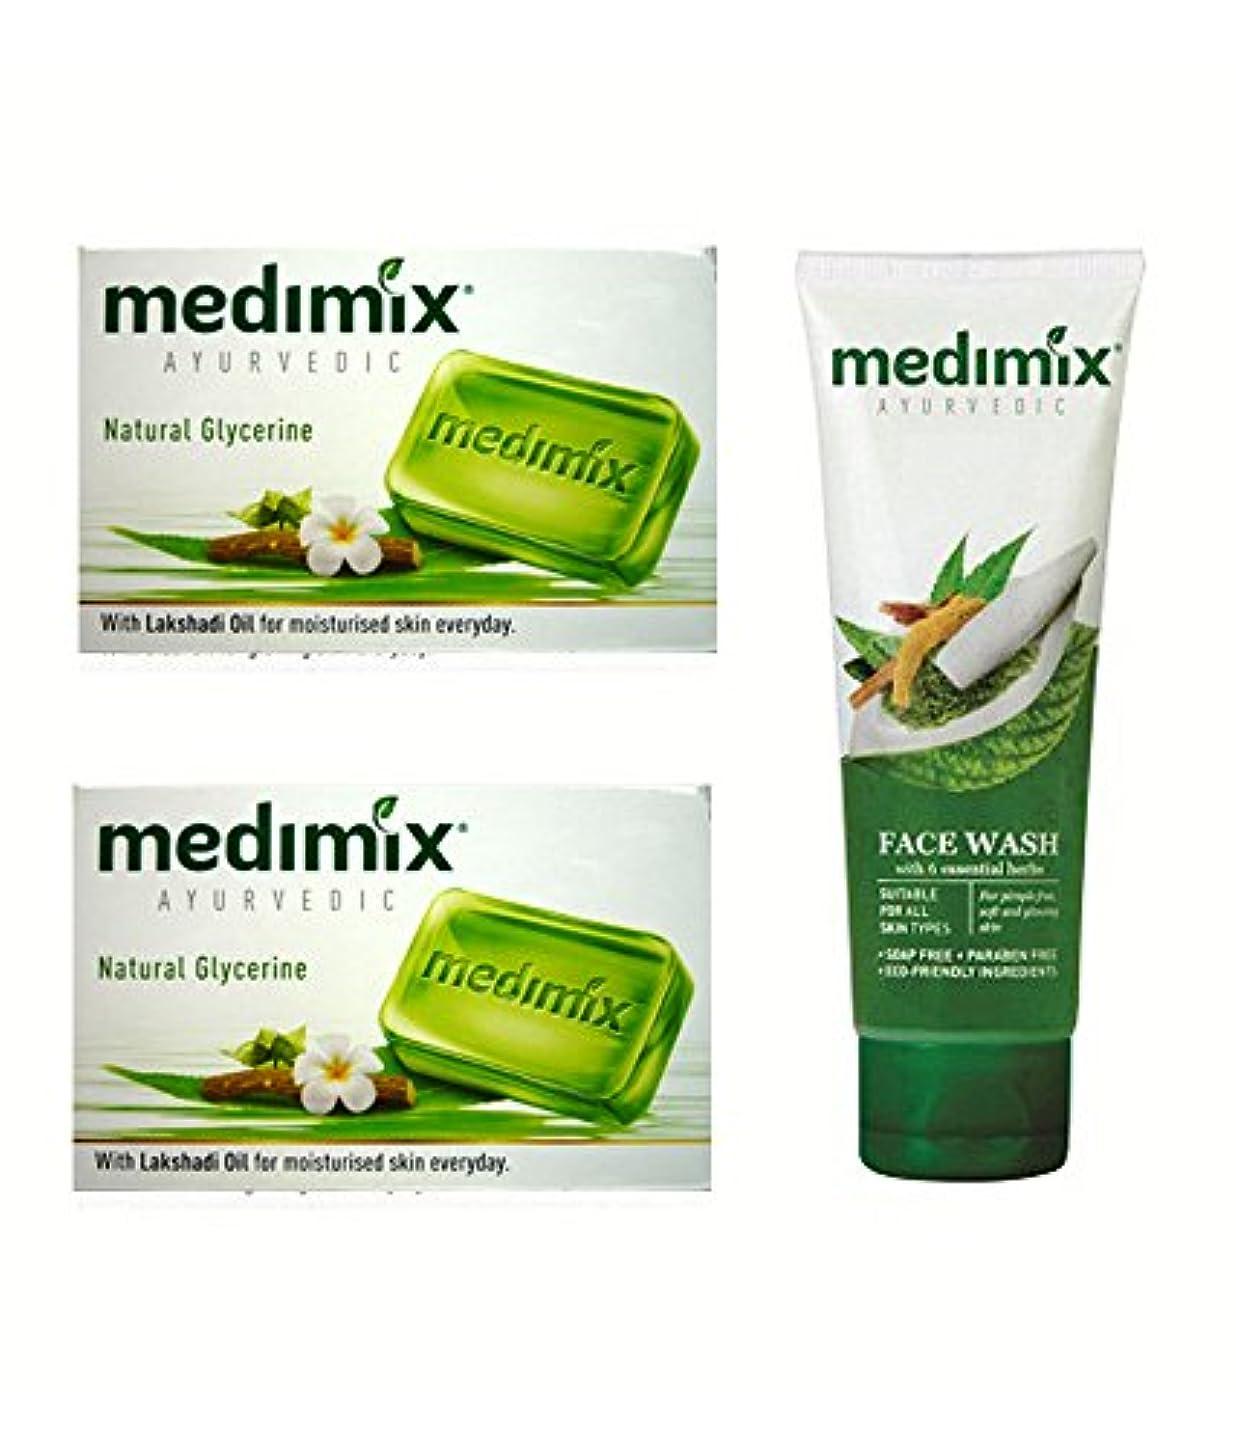 廃棄する説明する地質学MEDIMIX メディミックスナチュラルグリセリン石鹸2個 メディミックス洗顔料100ML